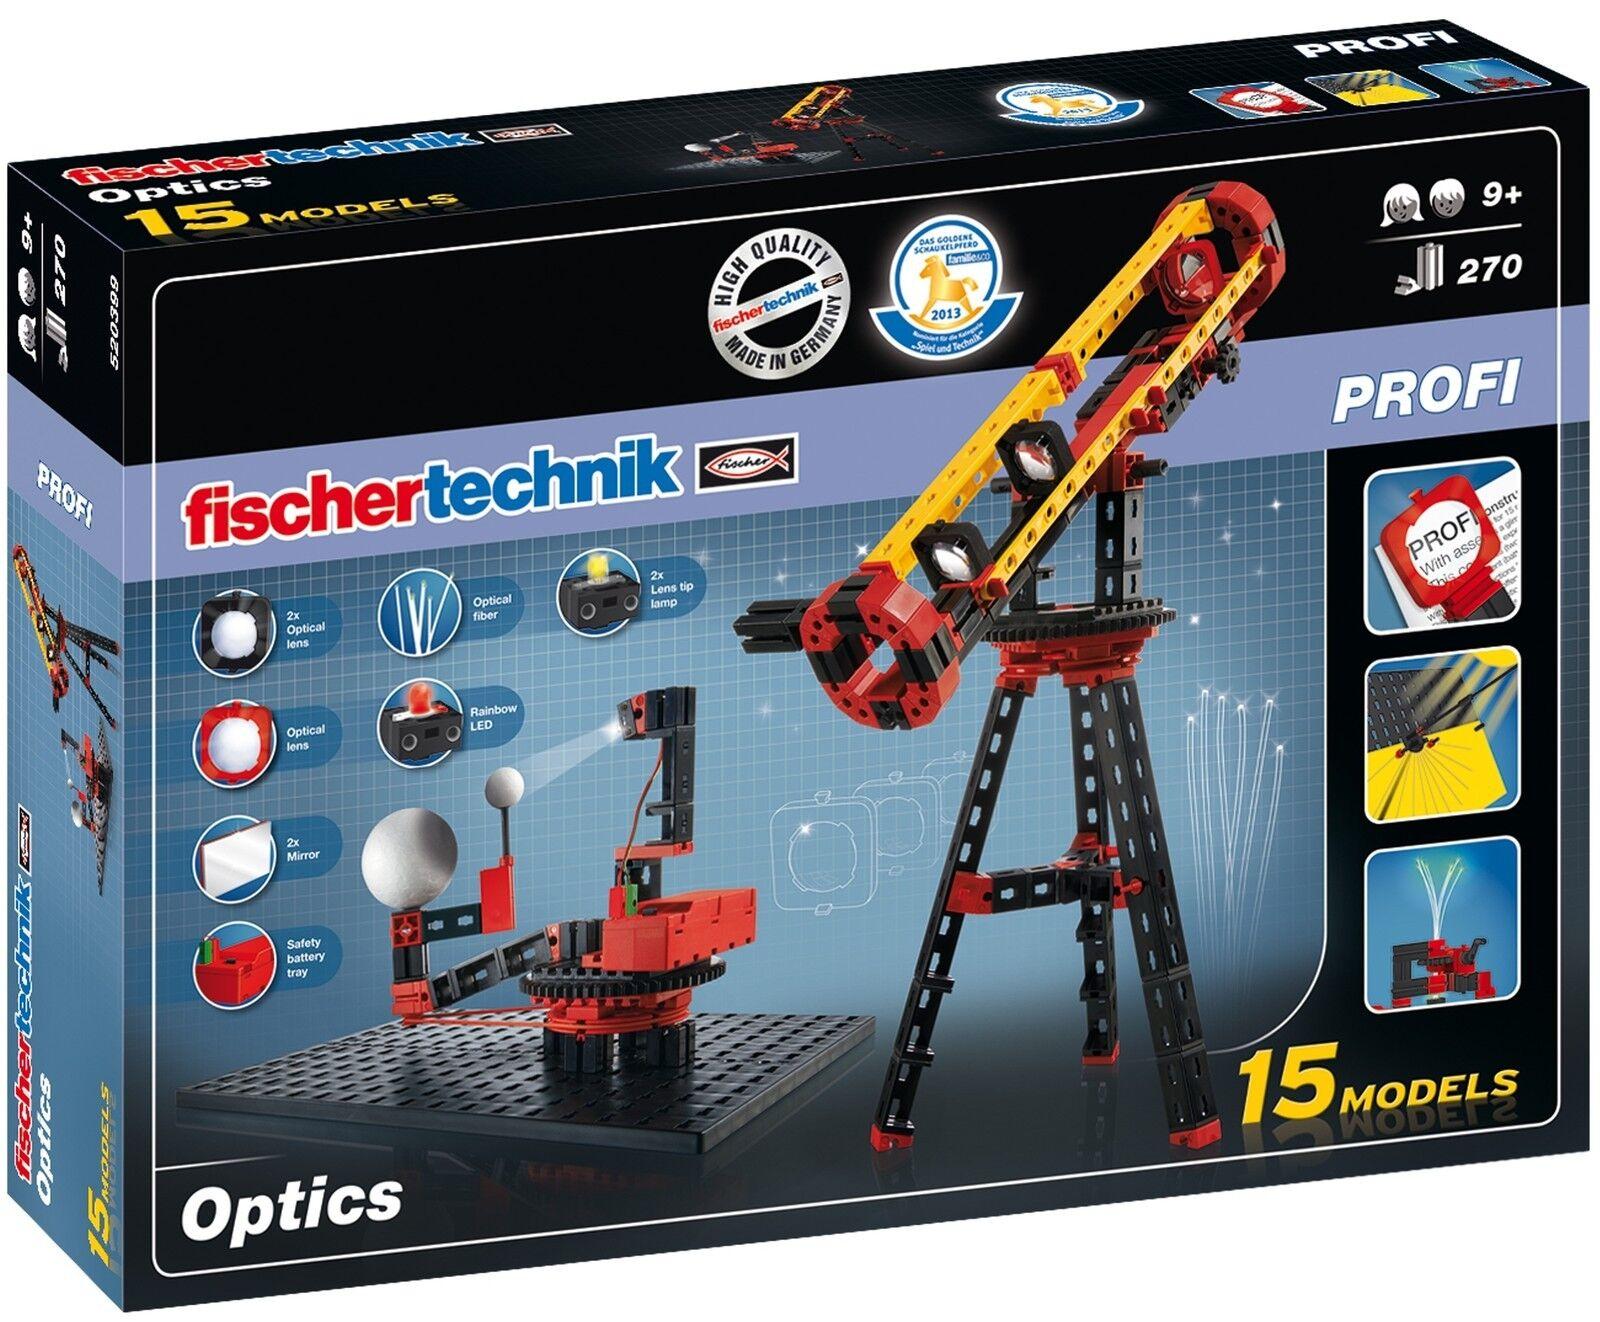 nuevo  Fischertechnik 520399 Profi Optics óptica luz  OVP